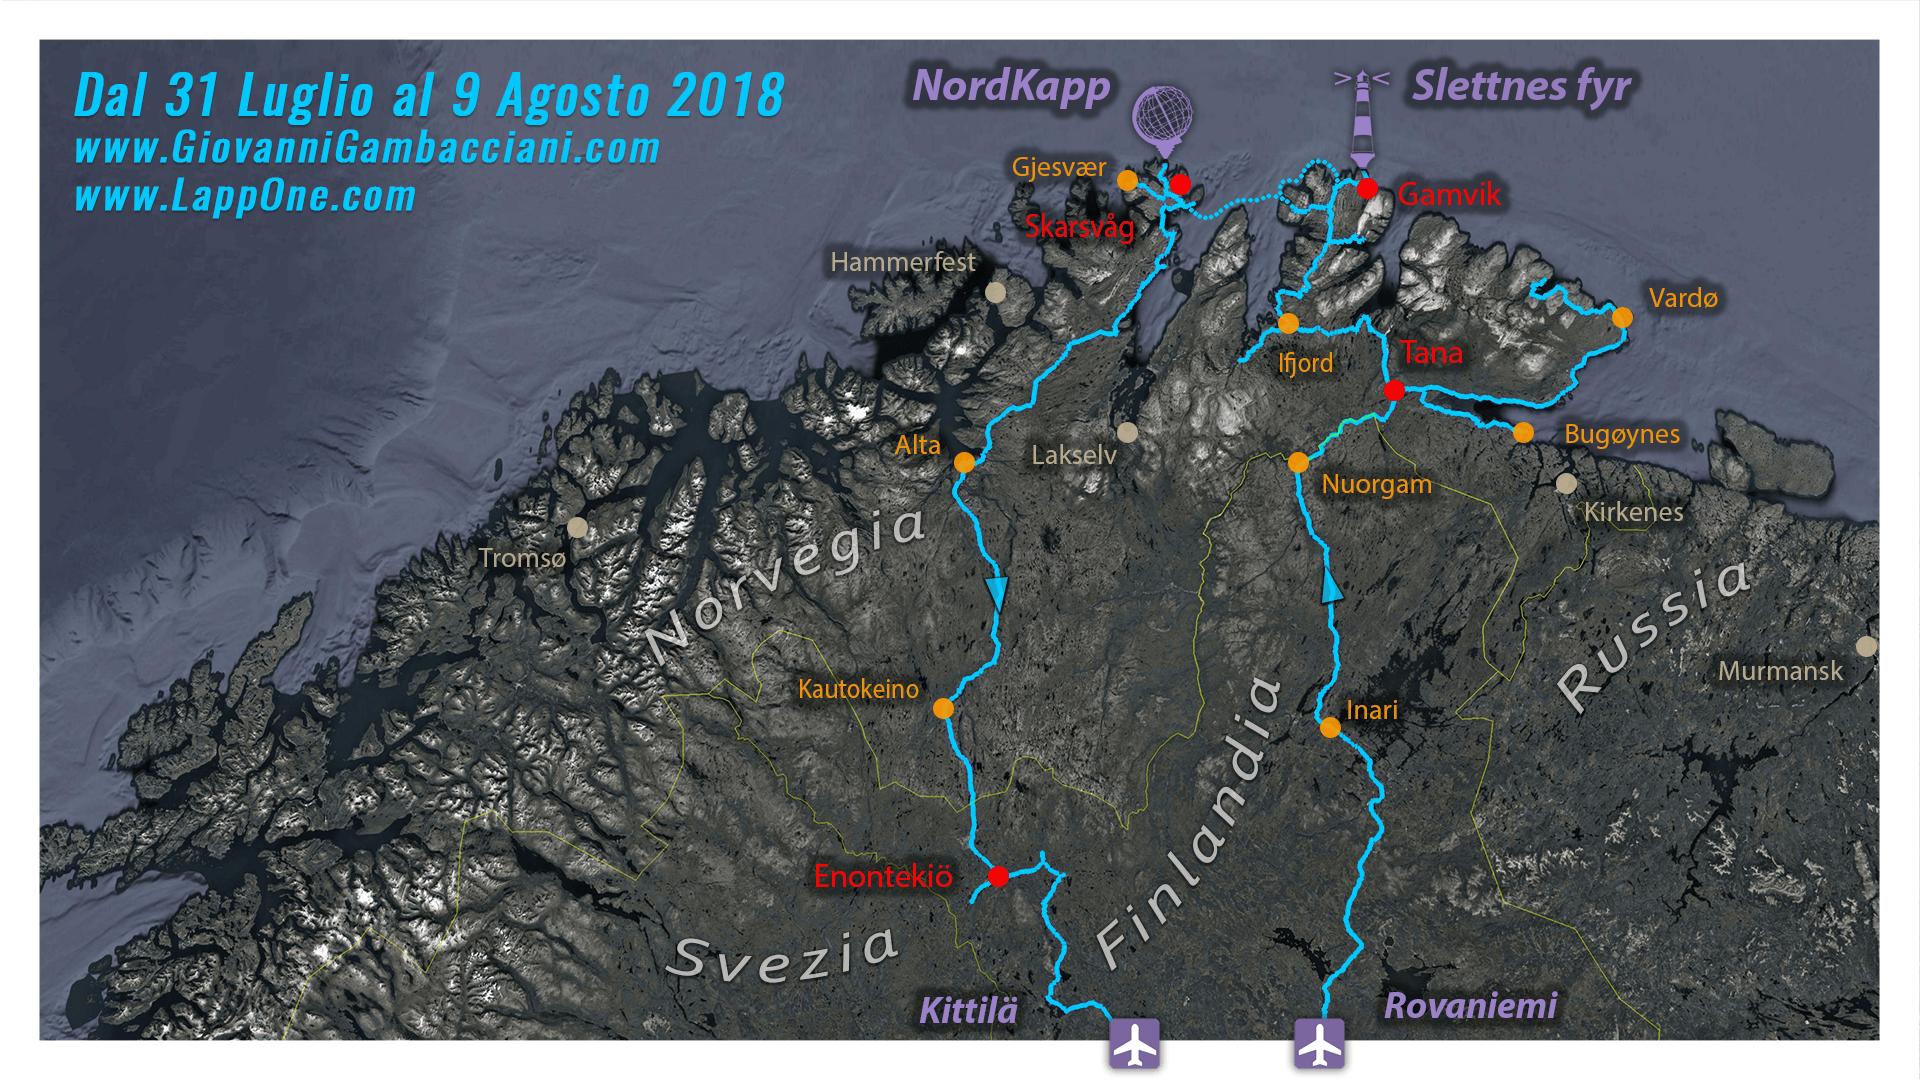 Viaggi di Gruppo  2018_07_31_CapoNord_pulmino_mappa_02 [CONCLUSO] La Norvegia Sconosciuta. Dal 31 Luglio al 9 Agosto 2018